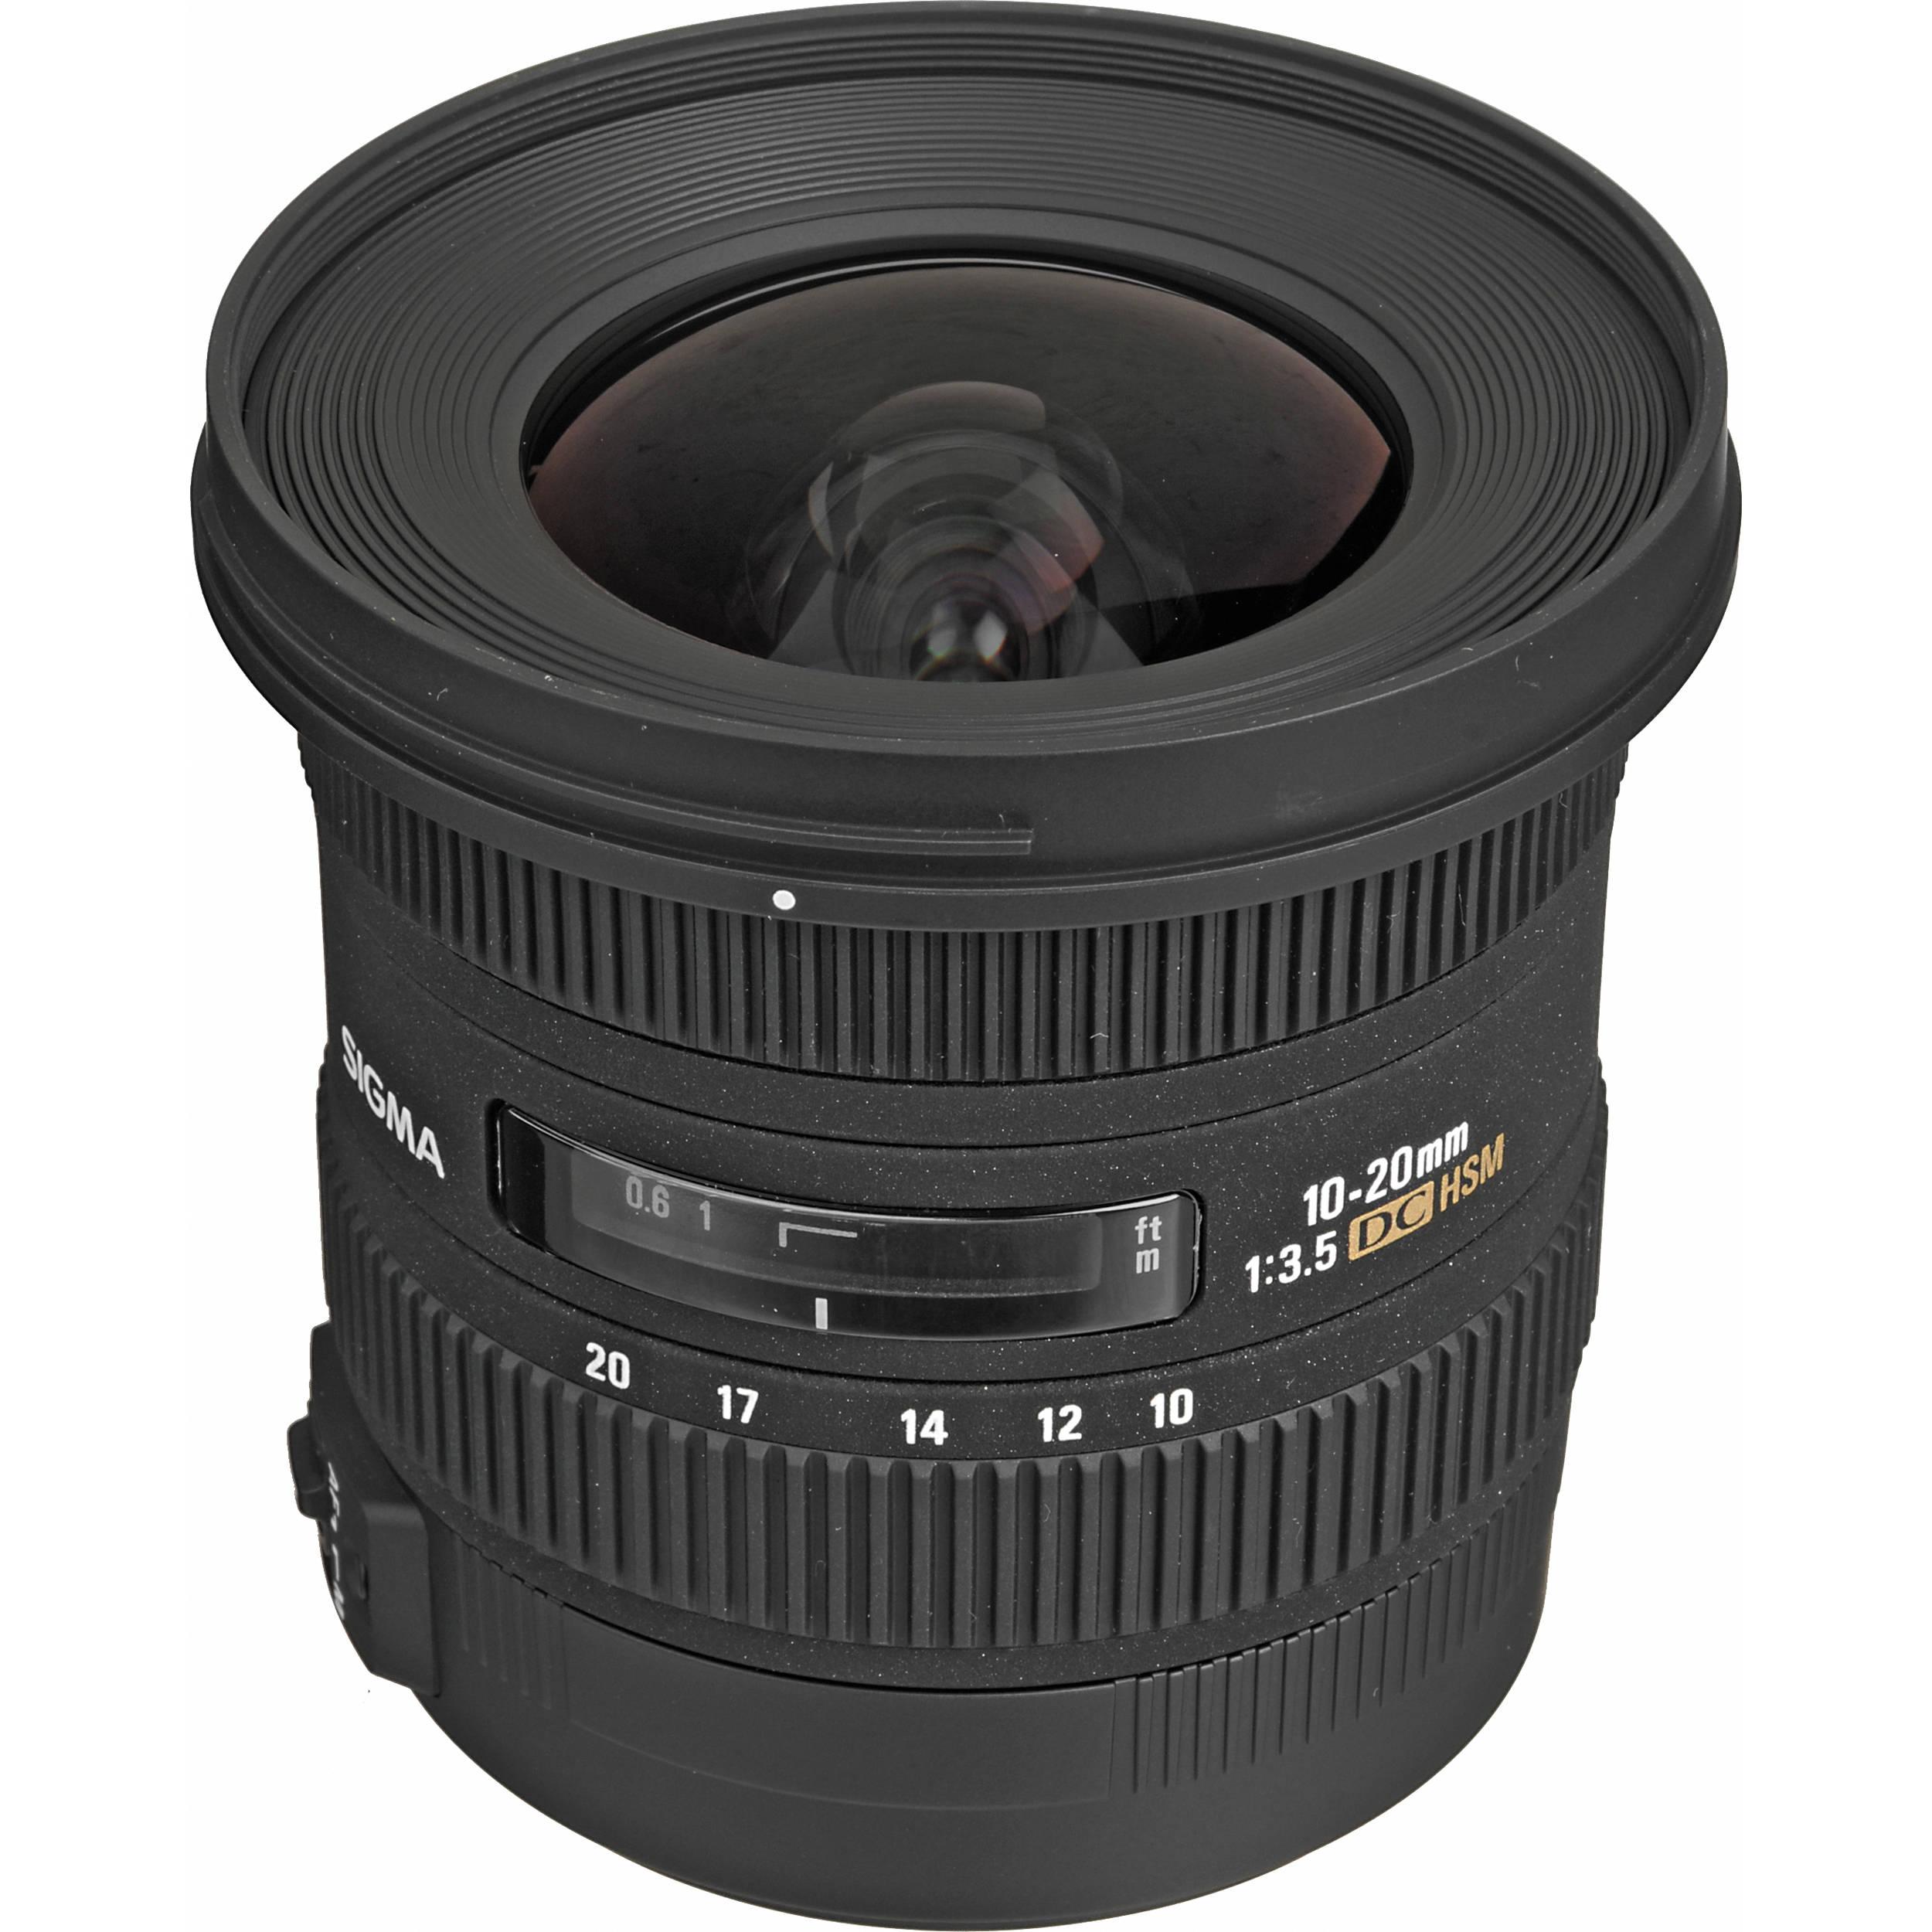 Sigma 10-20mm f/3.5 EX DC HSM Autofocus Zoom Lens 202205 B&H